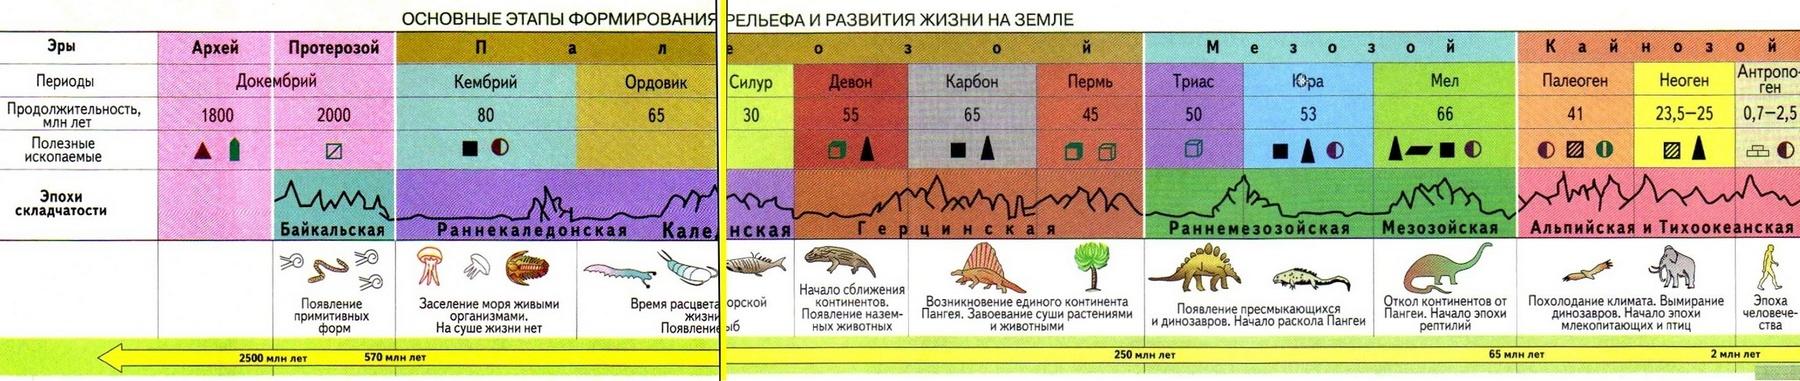 этапы формирования рельефа